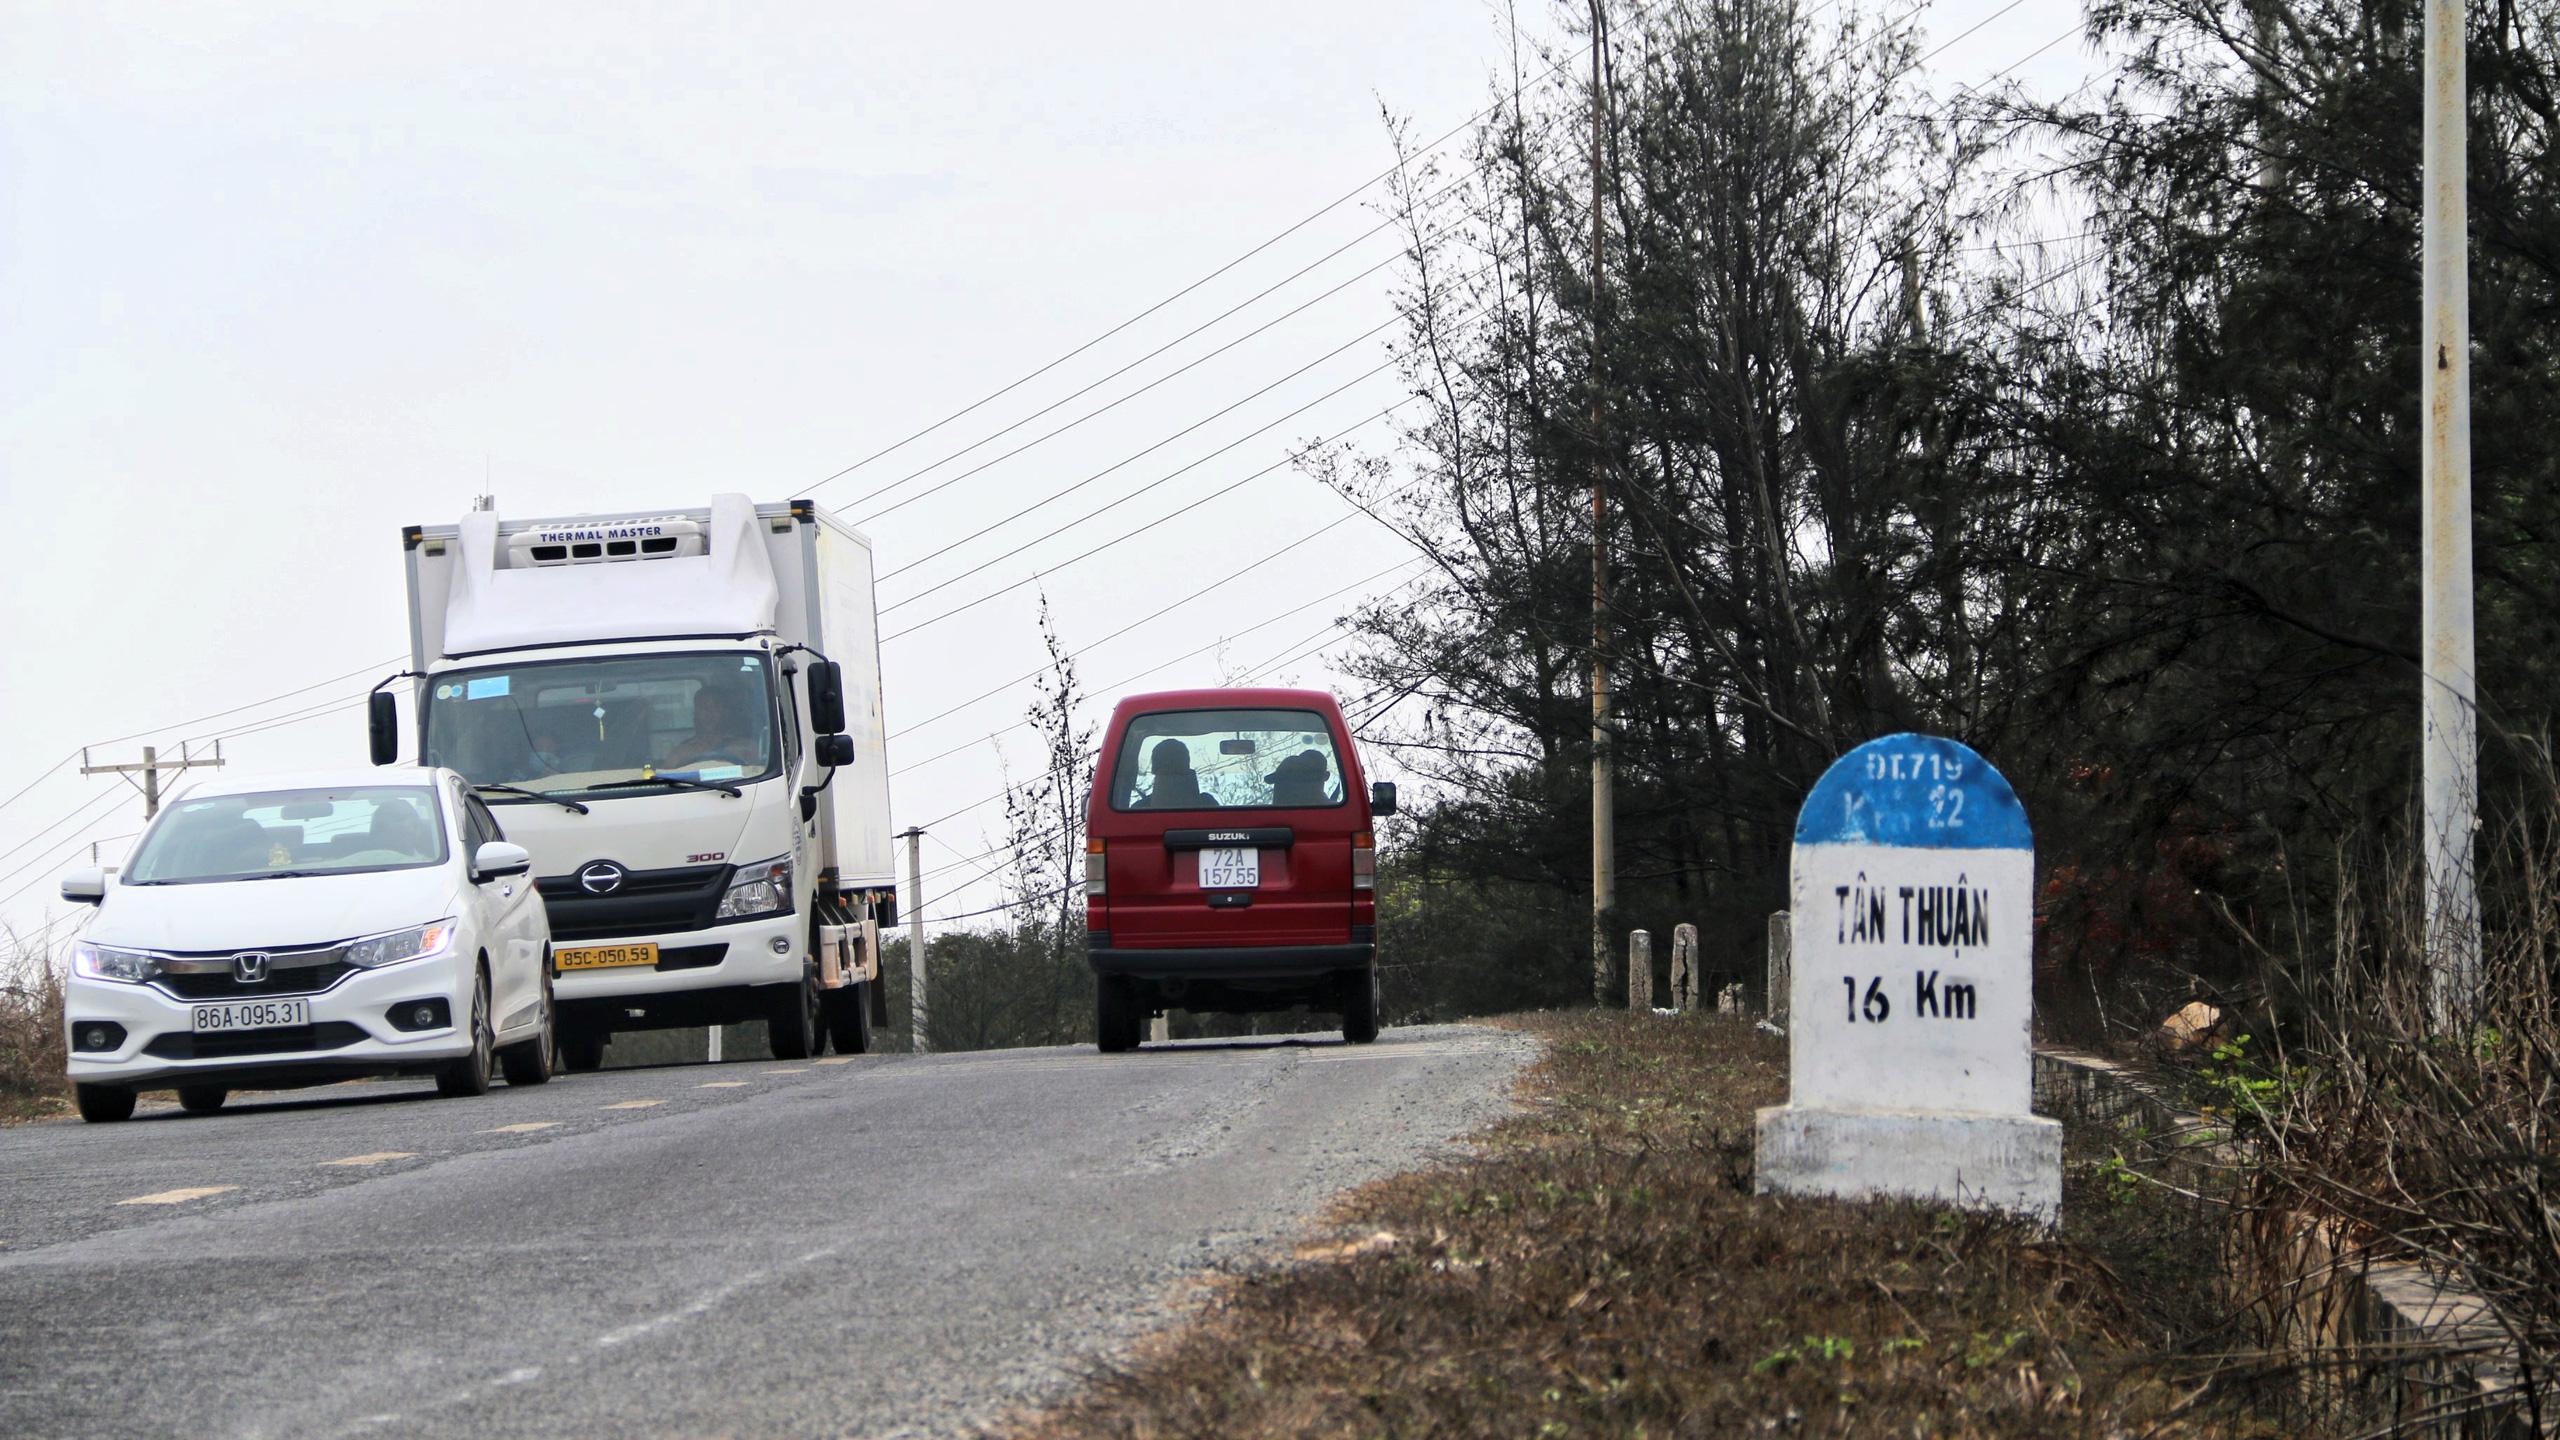 Cận cảnh tuyến đường ven biển ĐT.719 đoạn Phan Thiết - Kê Gà - Ảnh 2.